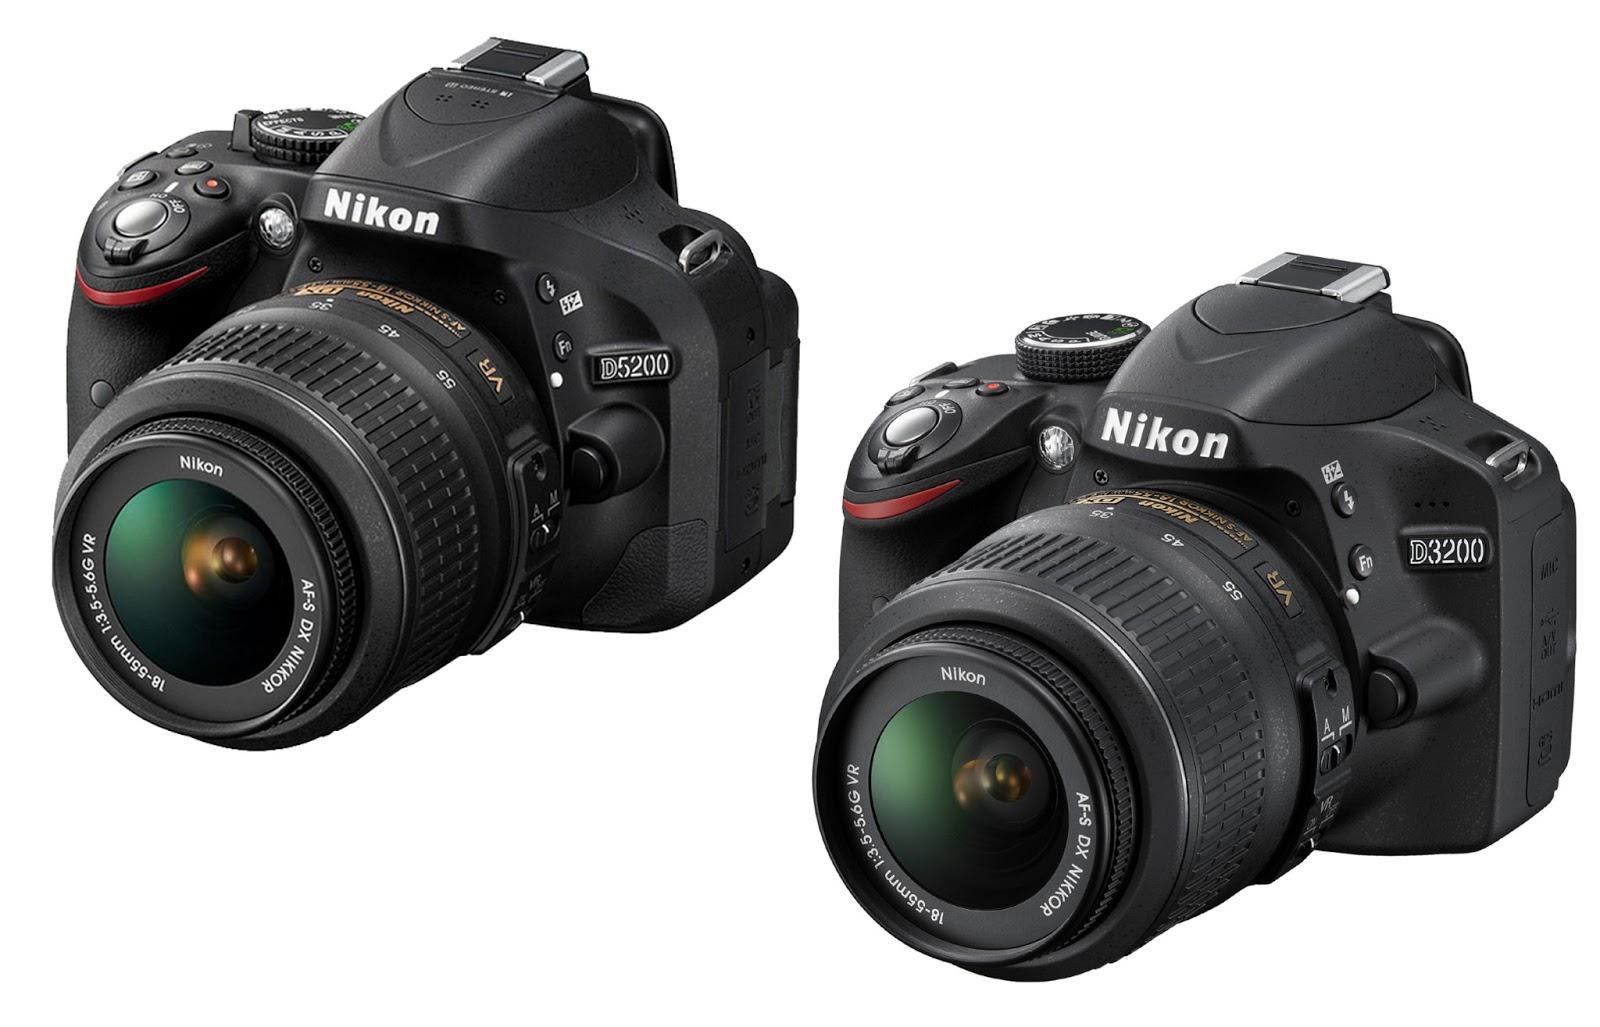 Kamera DSLR Nikon